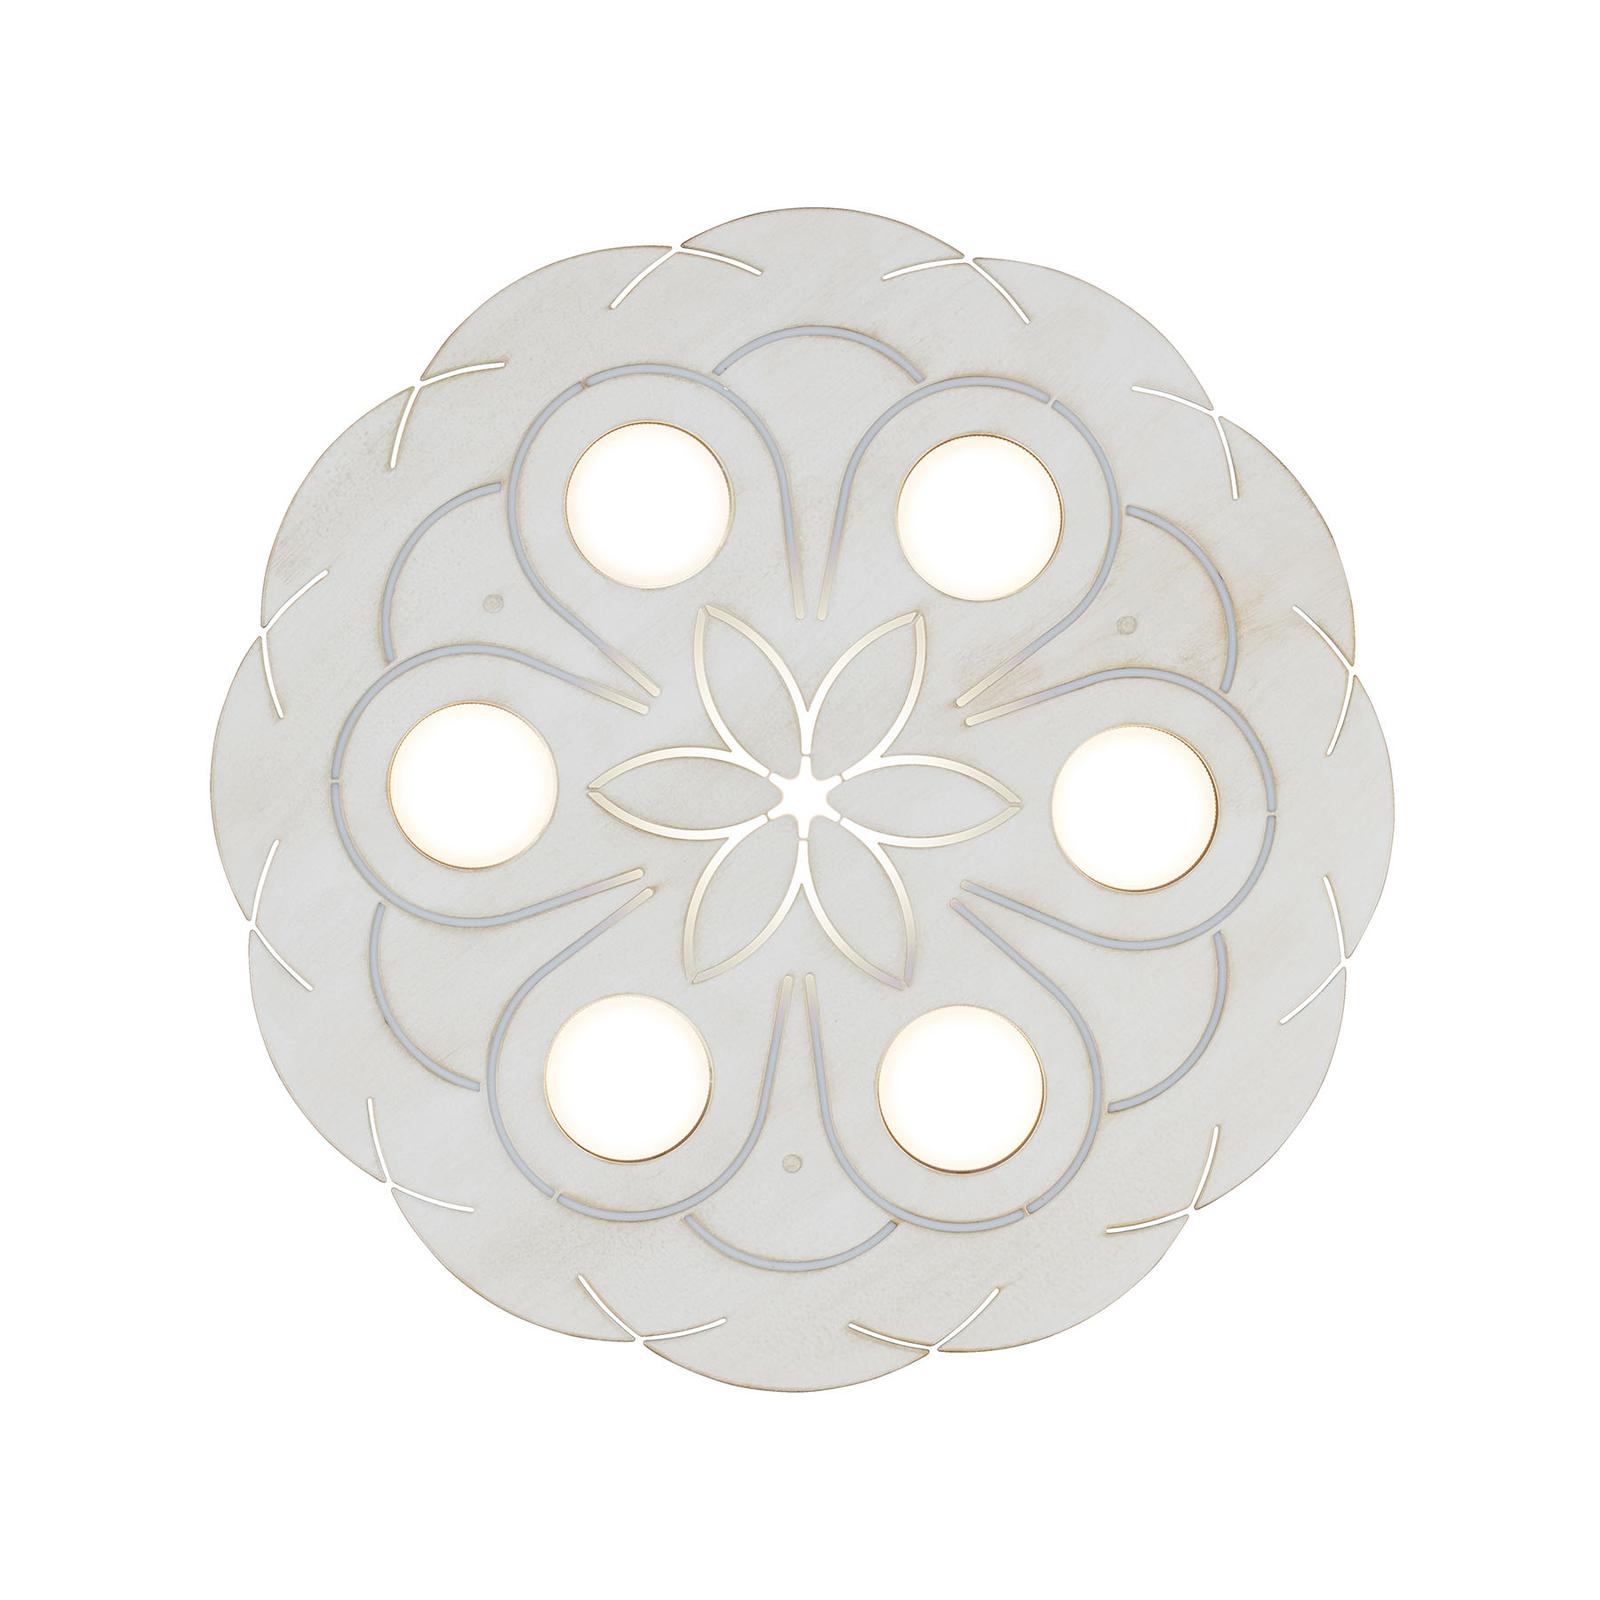 Kattovalaisin 3531/6PL, savana white, 6-lamppuinen